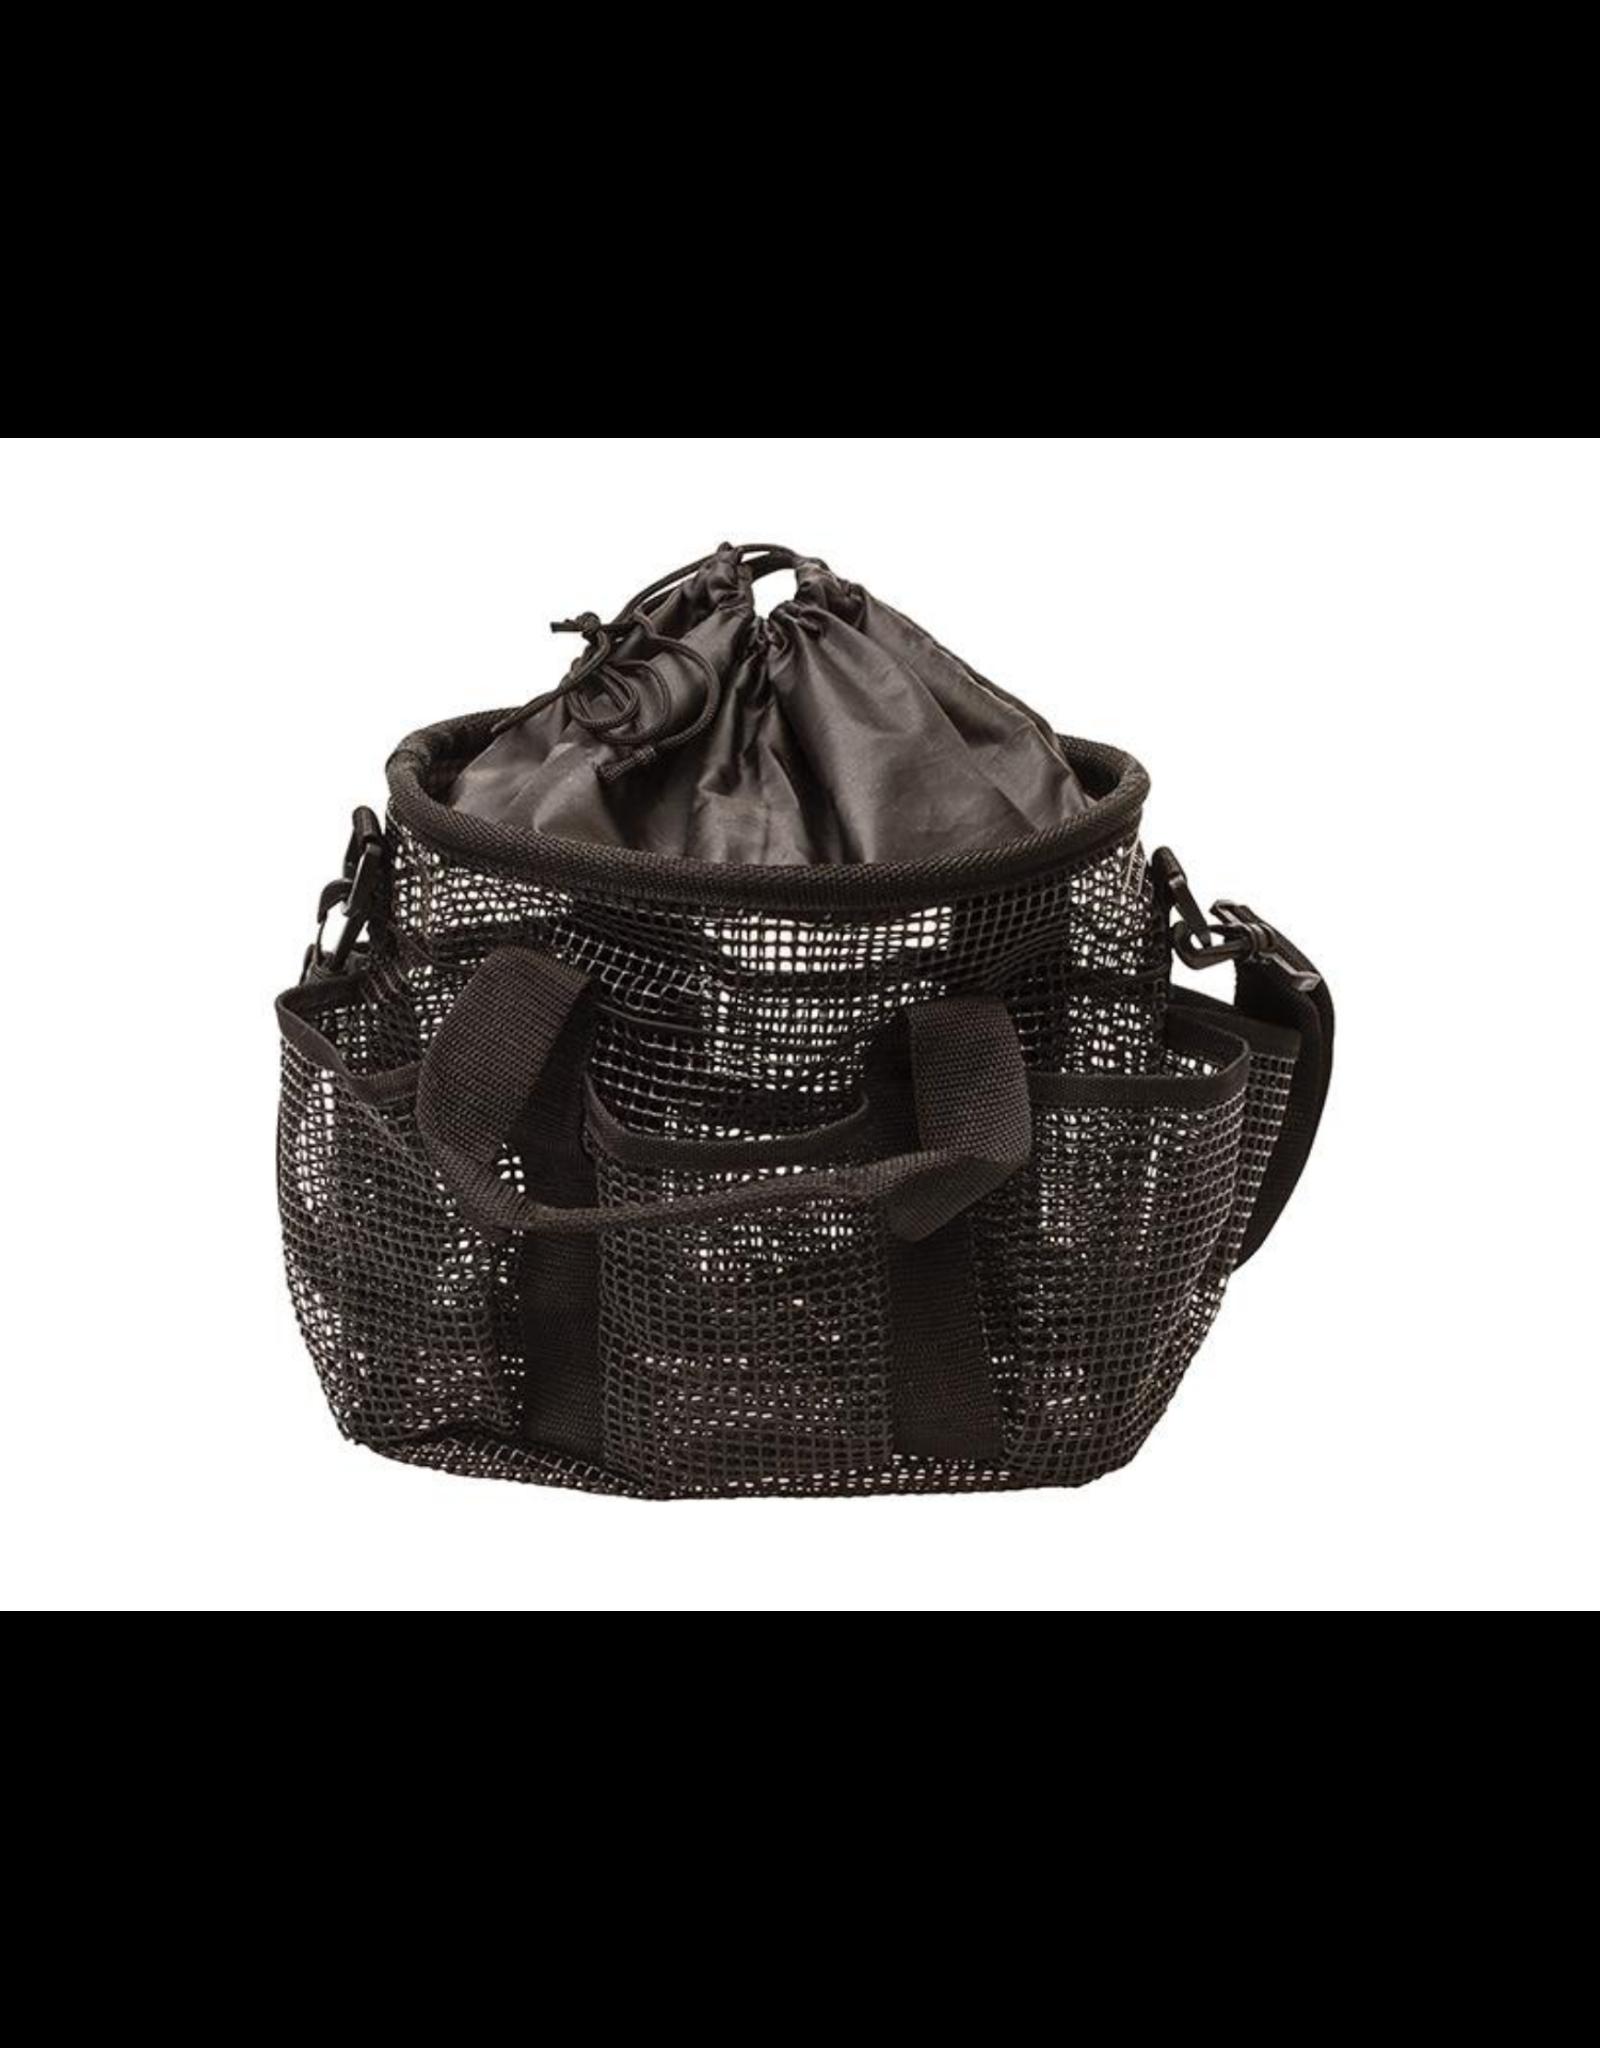 Weaver Grooming Bag, Mesh